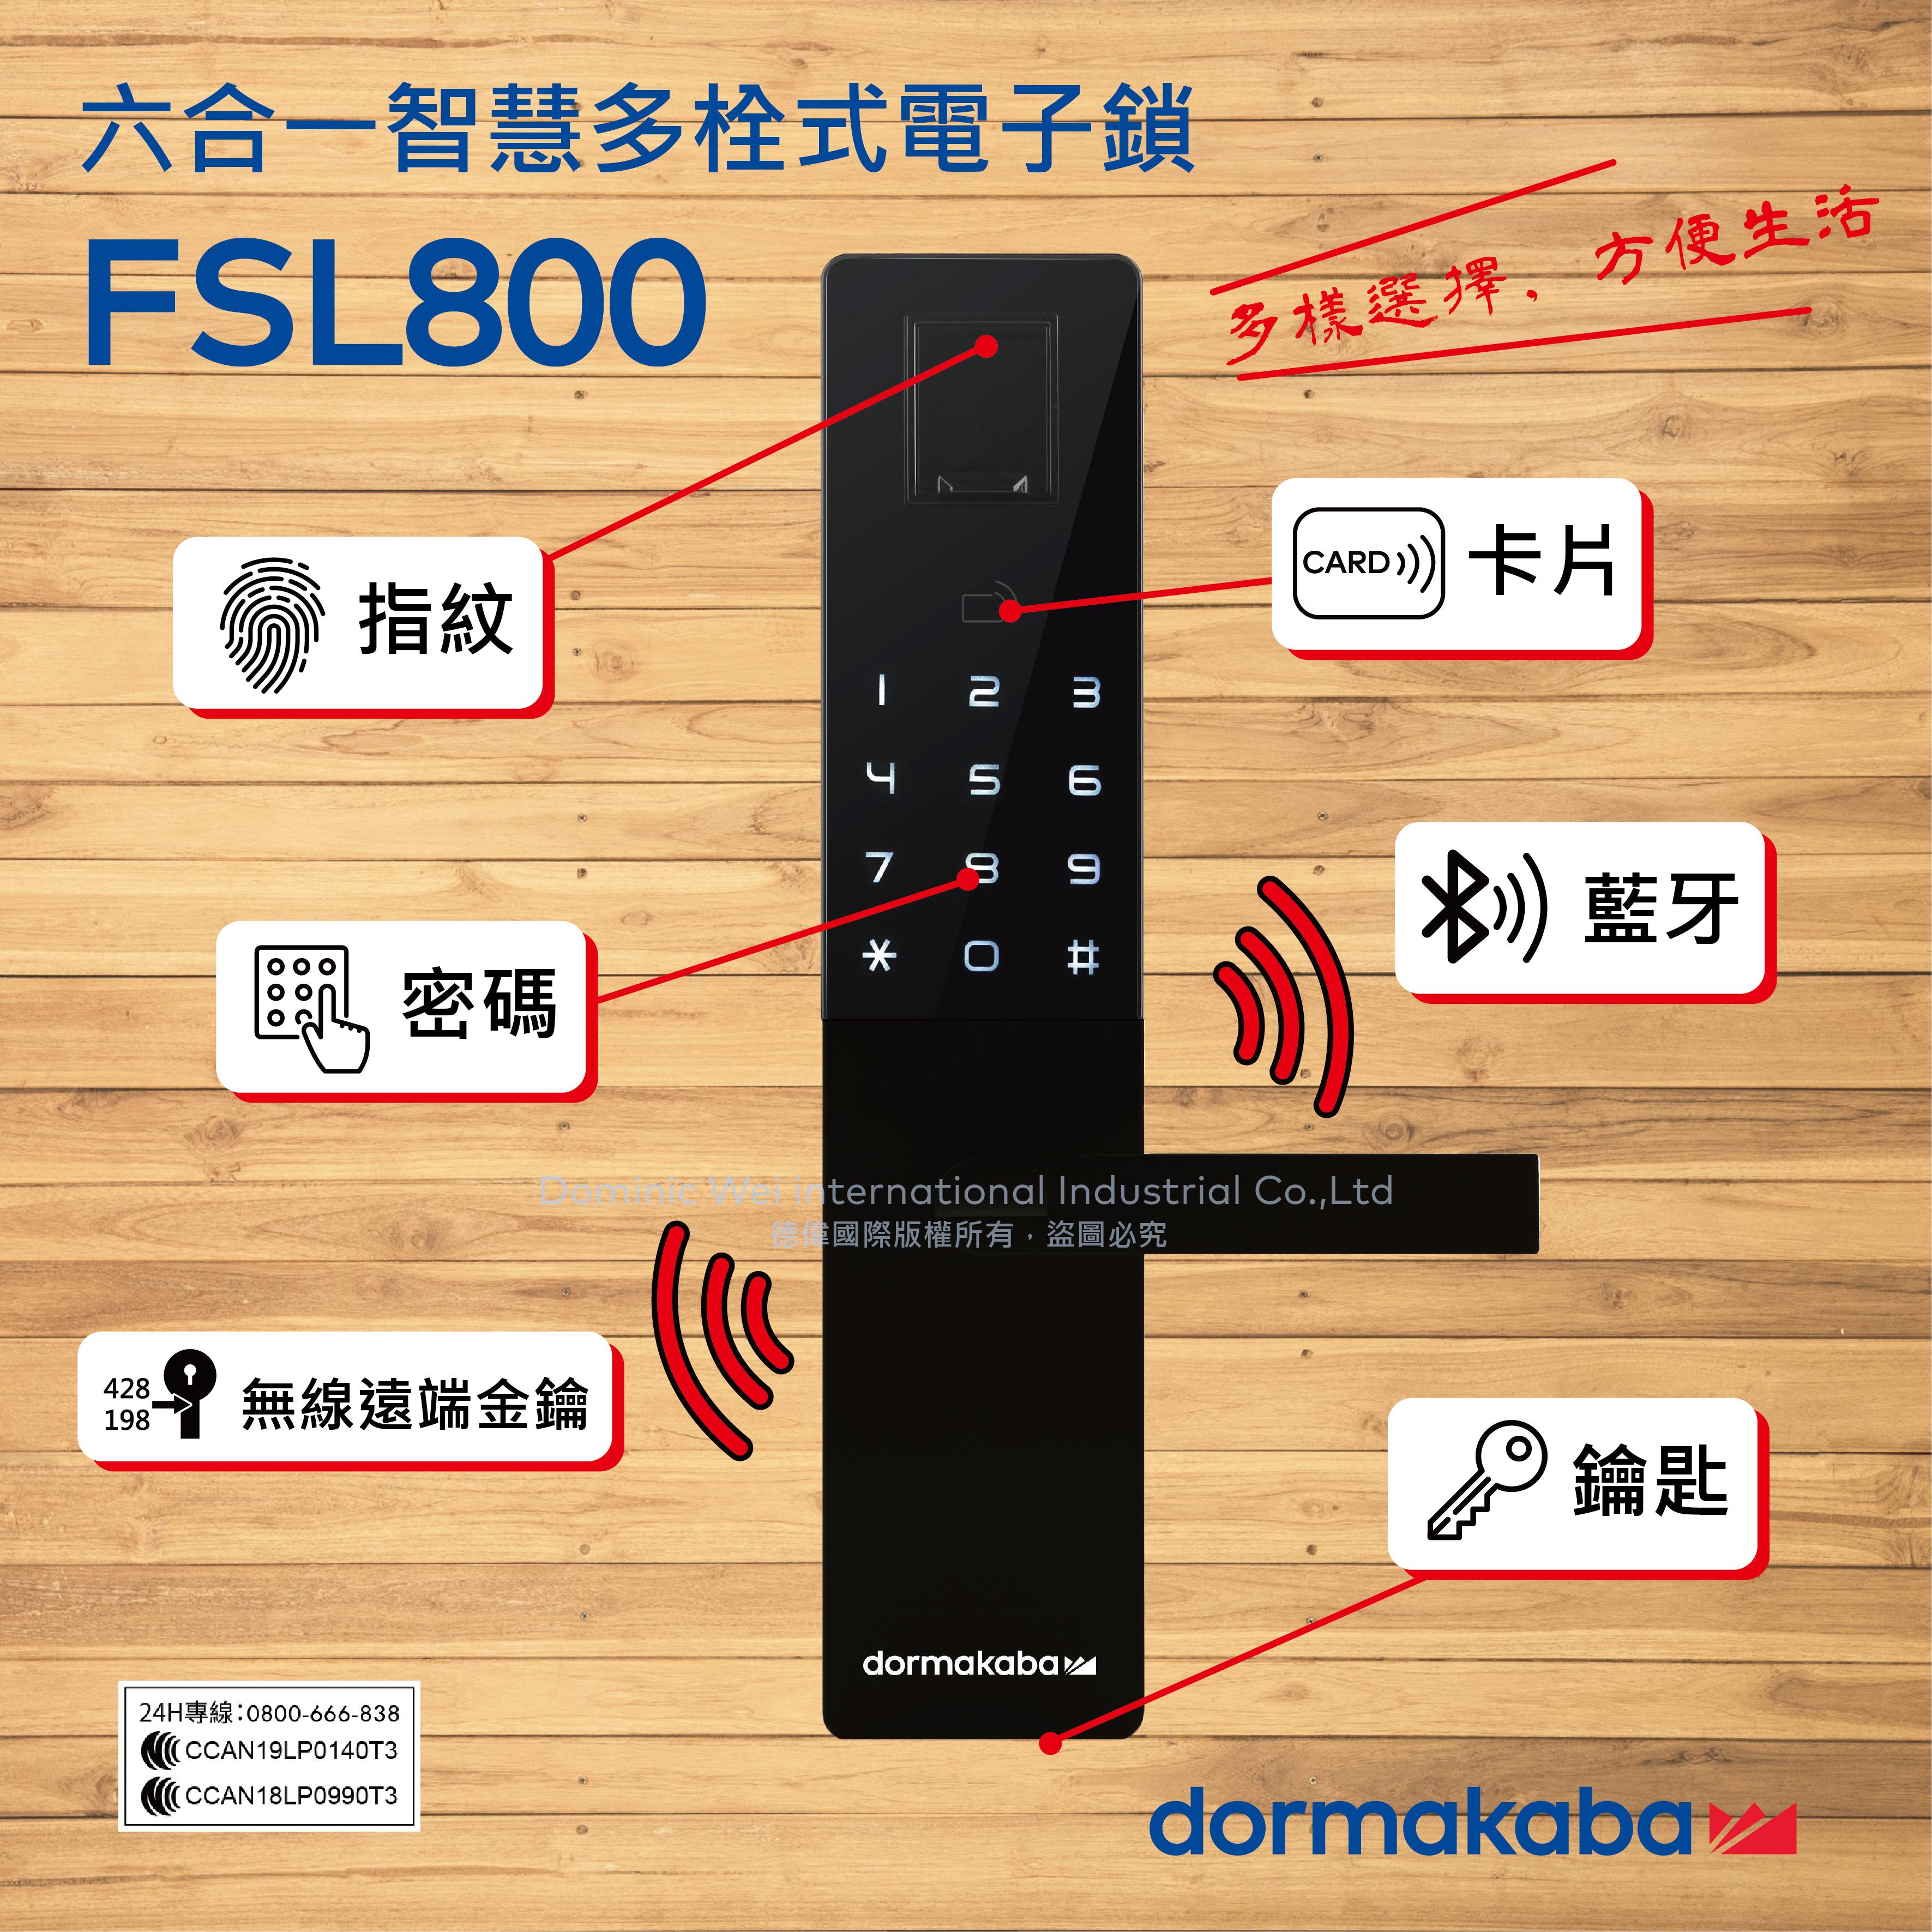 FSL800 bunner簡約版2-01.jpg